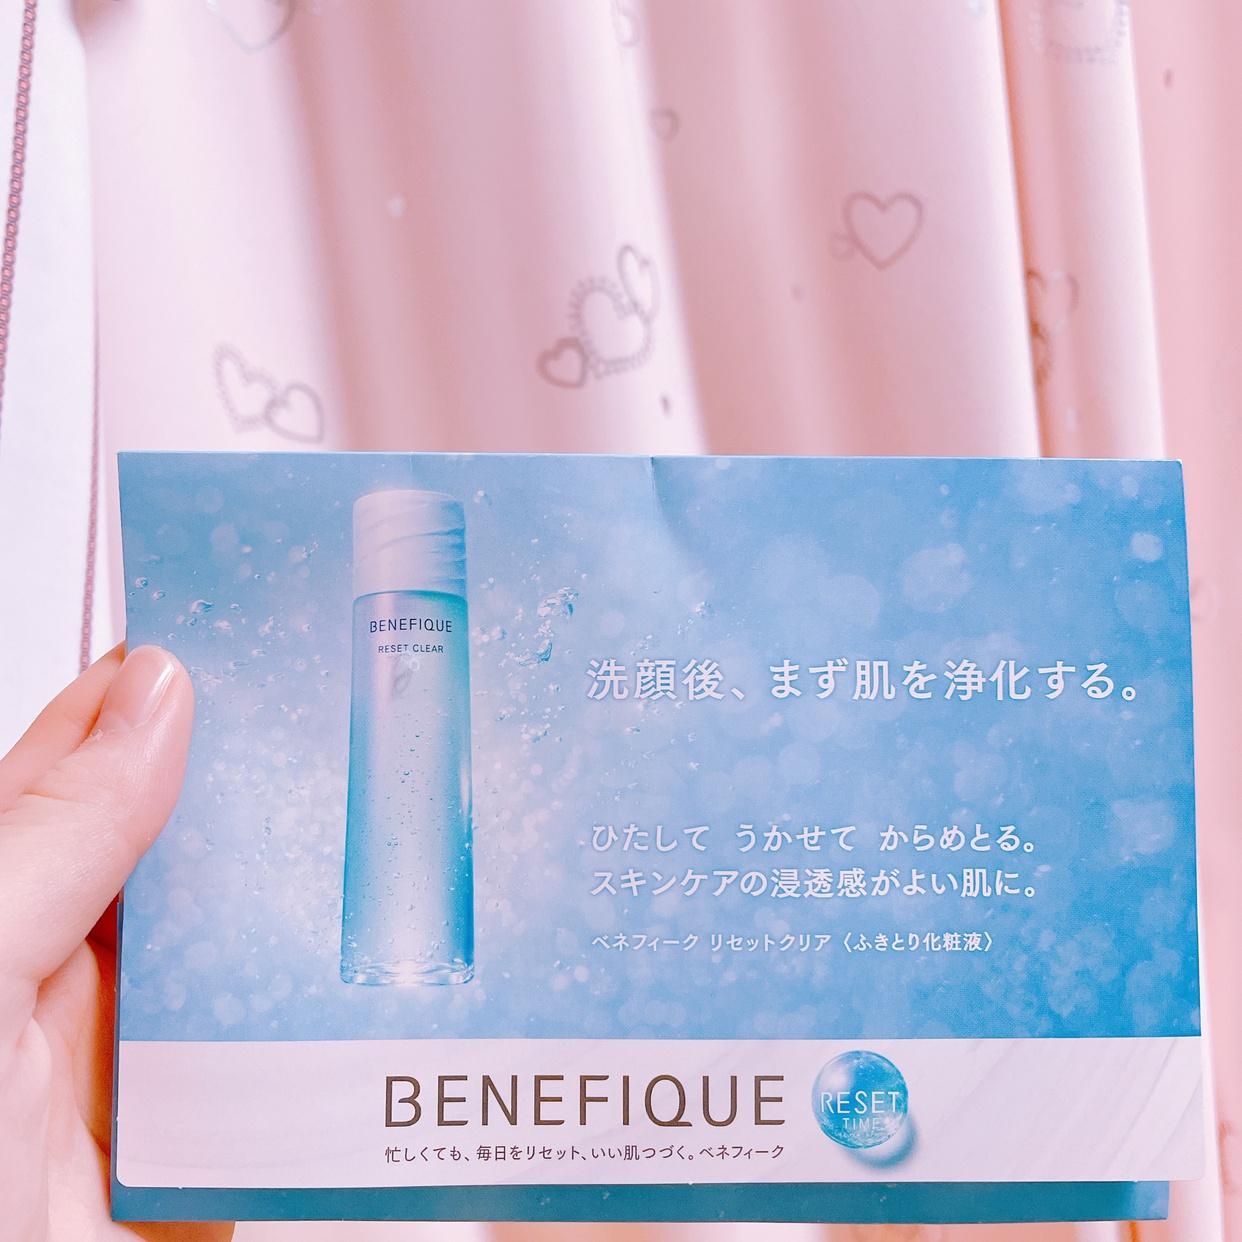 BENEFIQUE(ベネフィーク)リセットクリアを使ったゆーみんさんのクチコミ画像